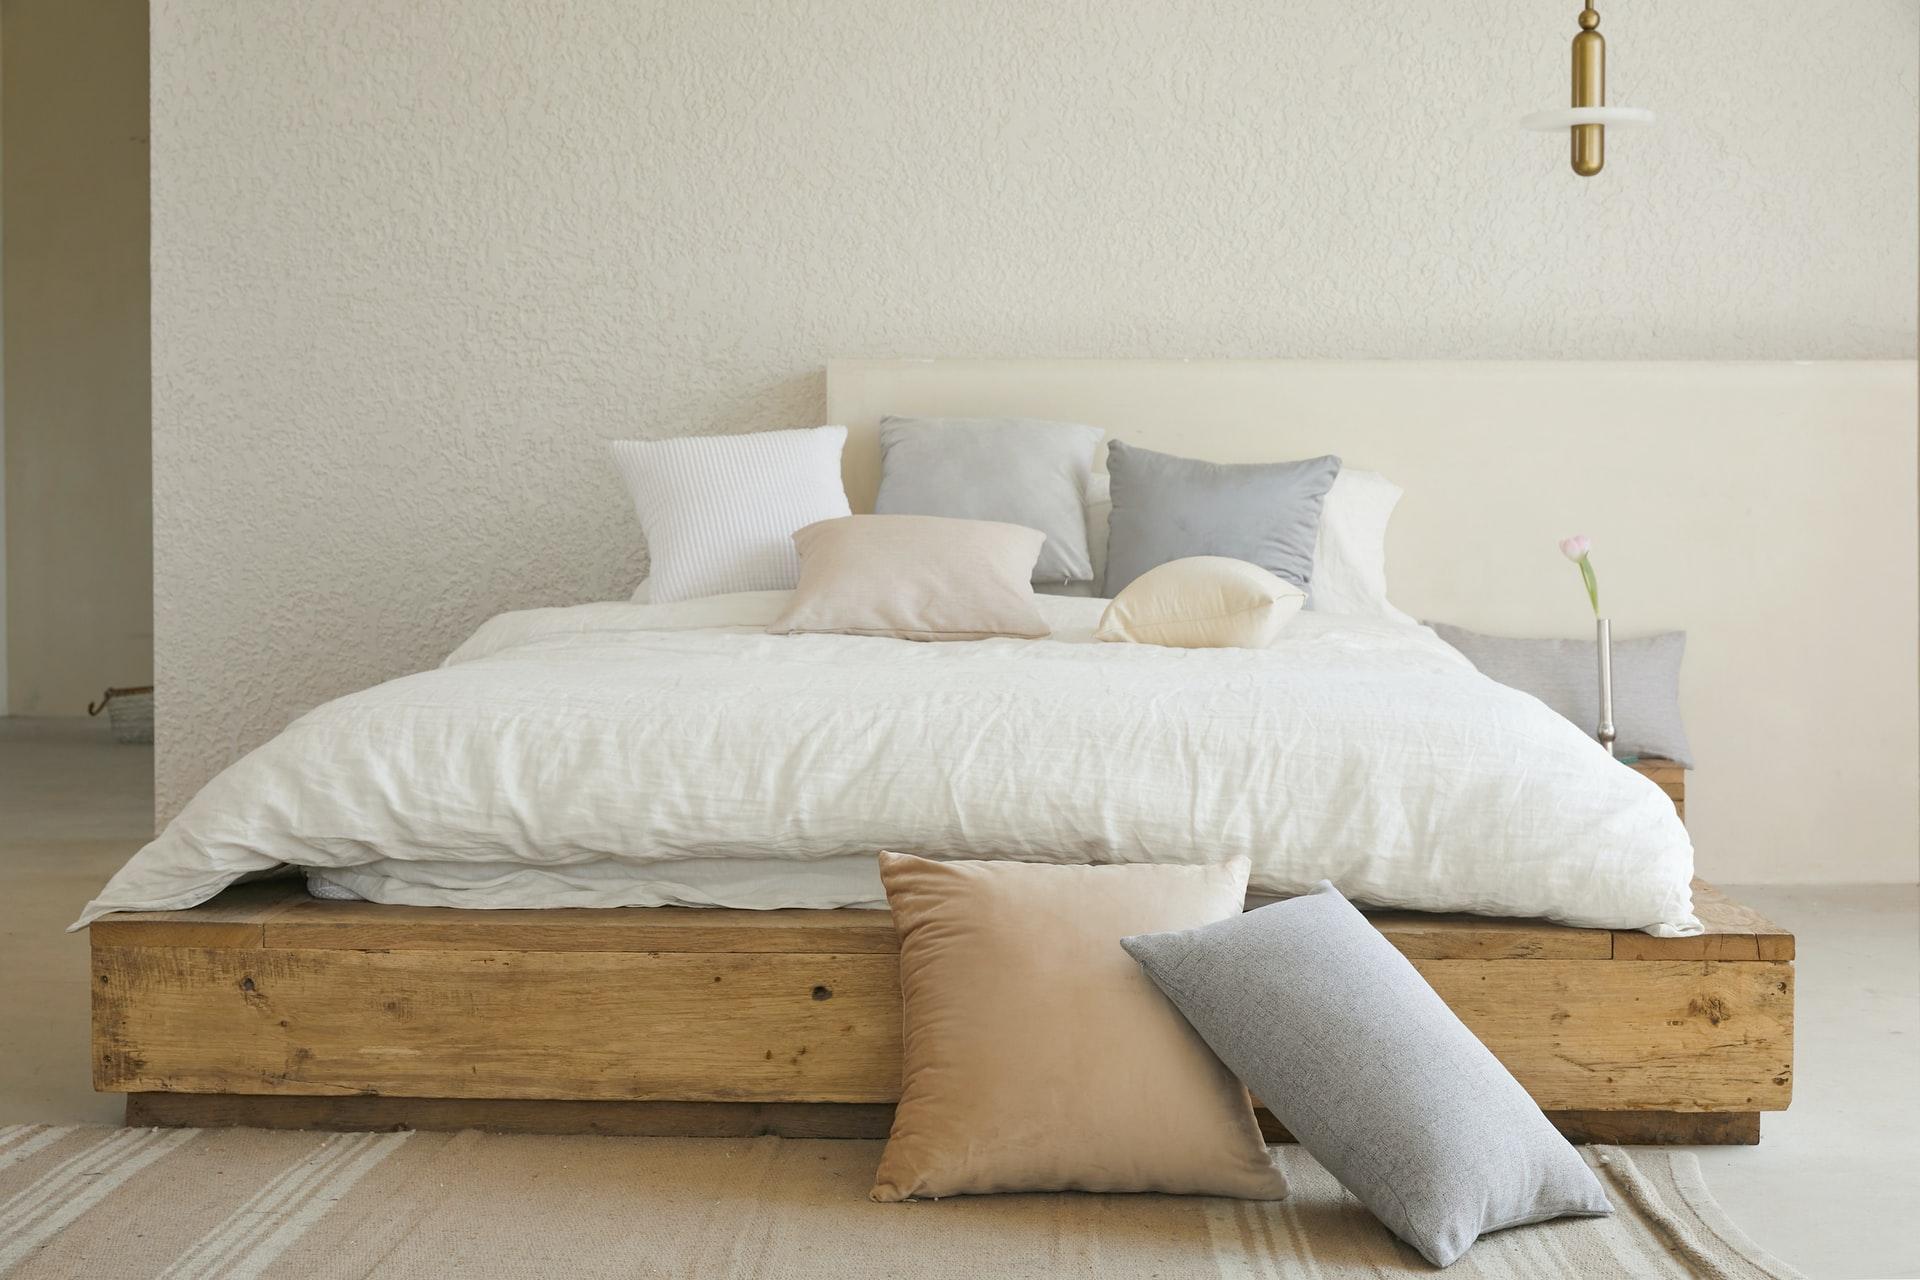 cama grande con colchón viscoelástico